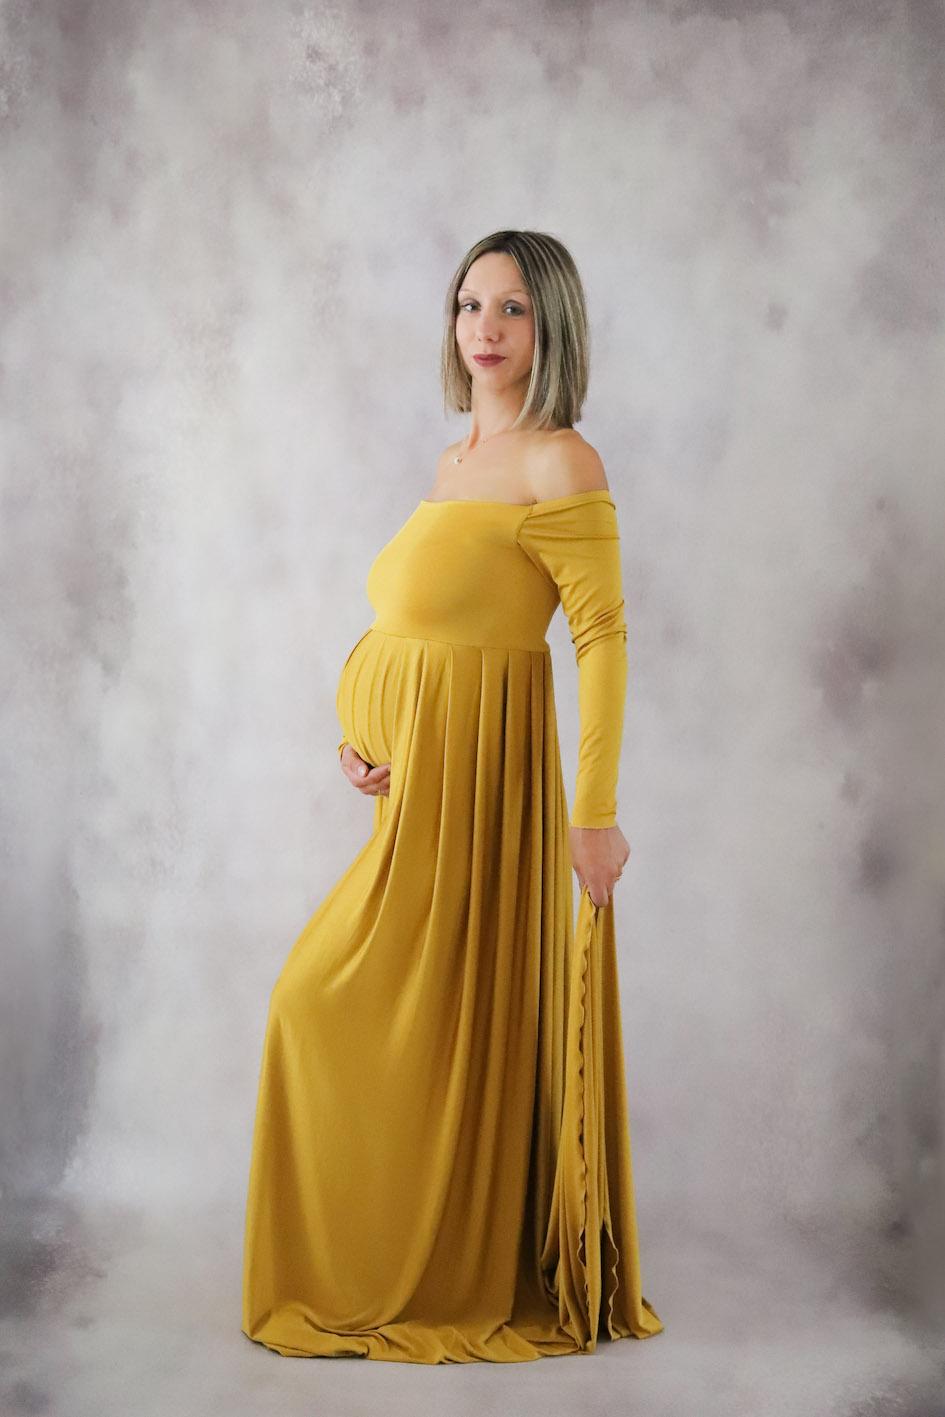 quelle tenue pour un shooting grossesse